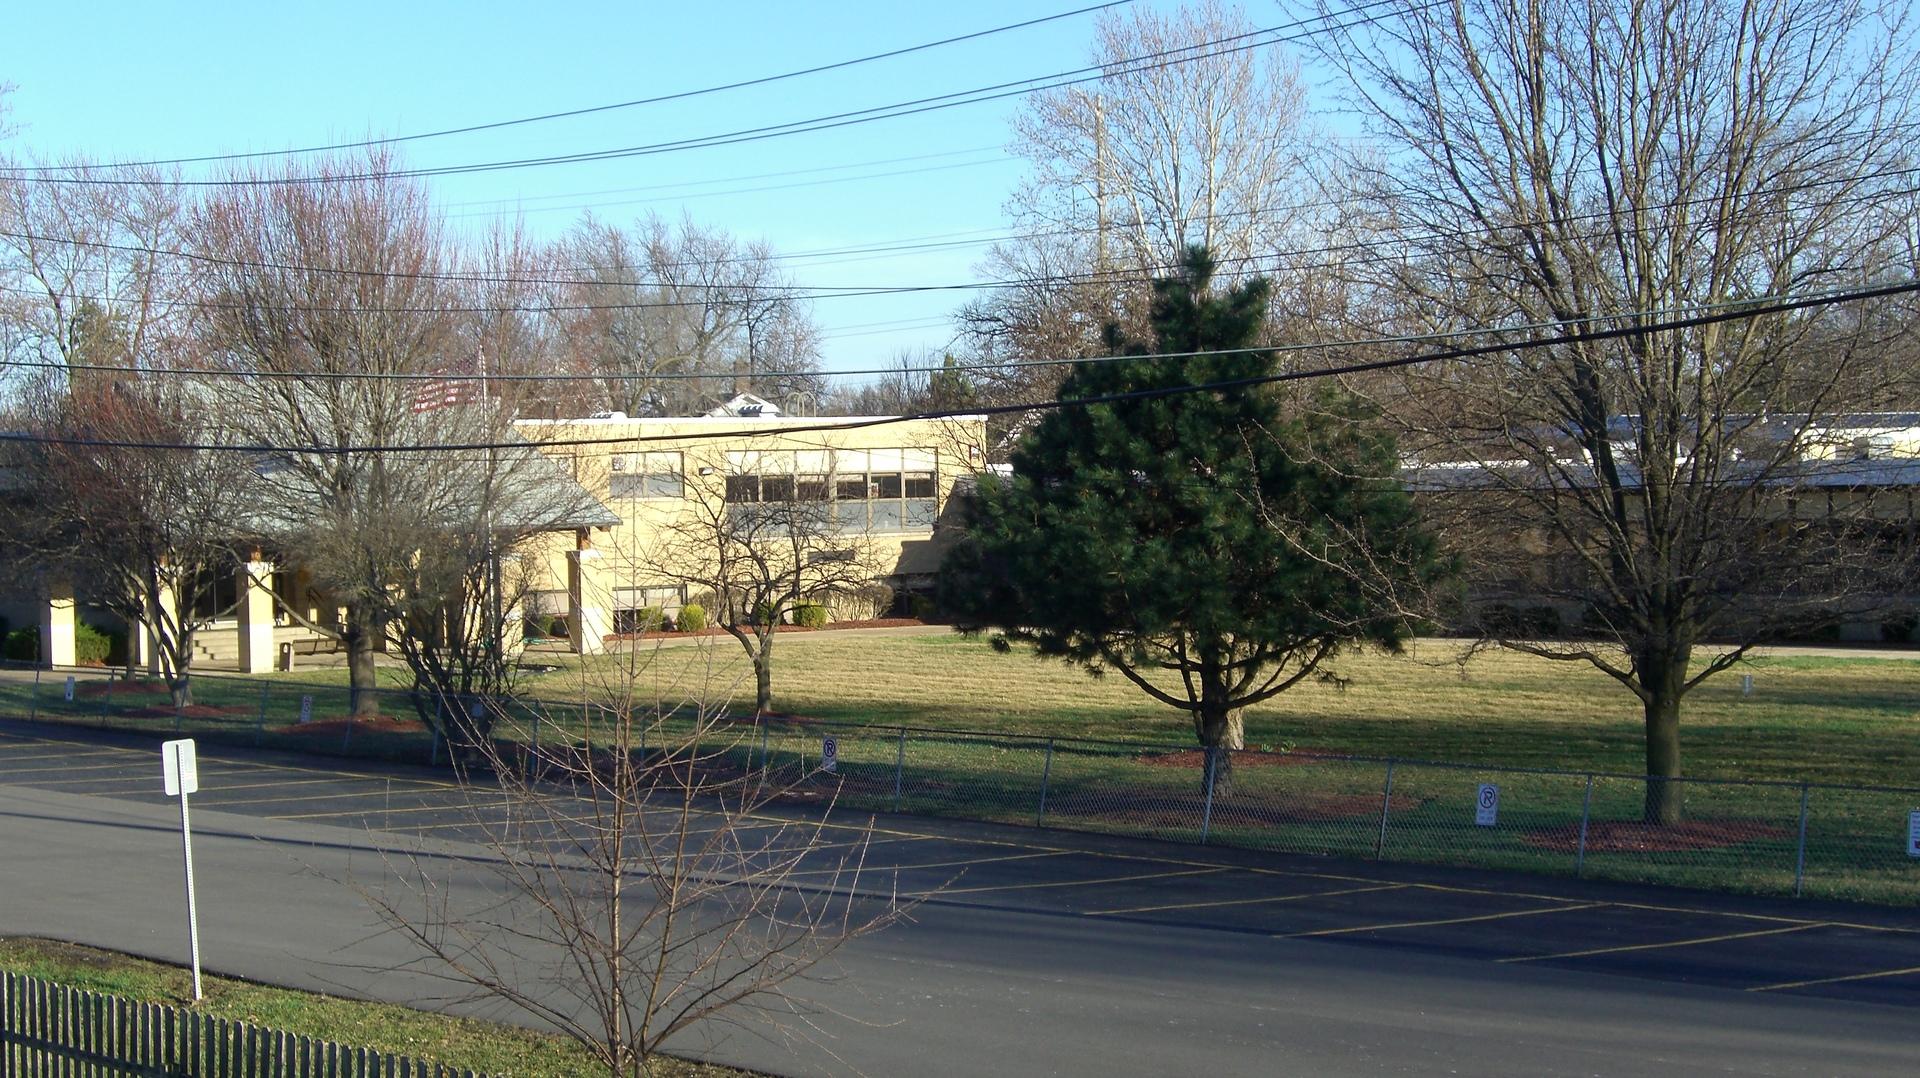 58 West, Bristol, Illinois, 60512